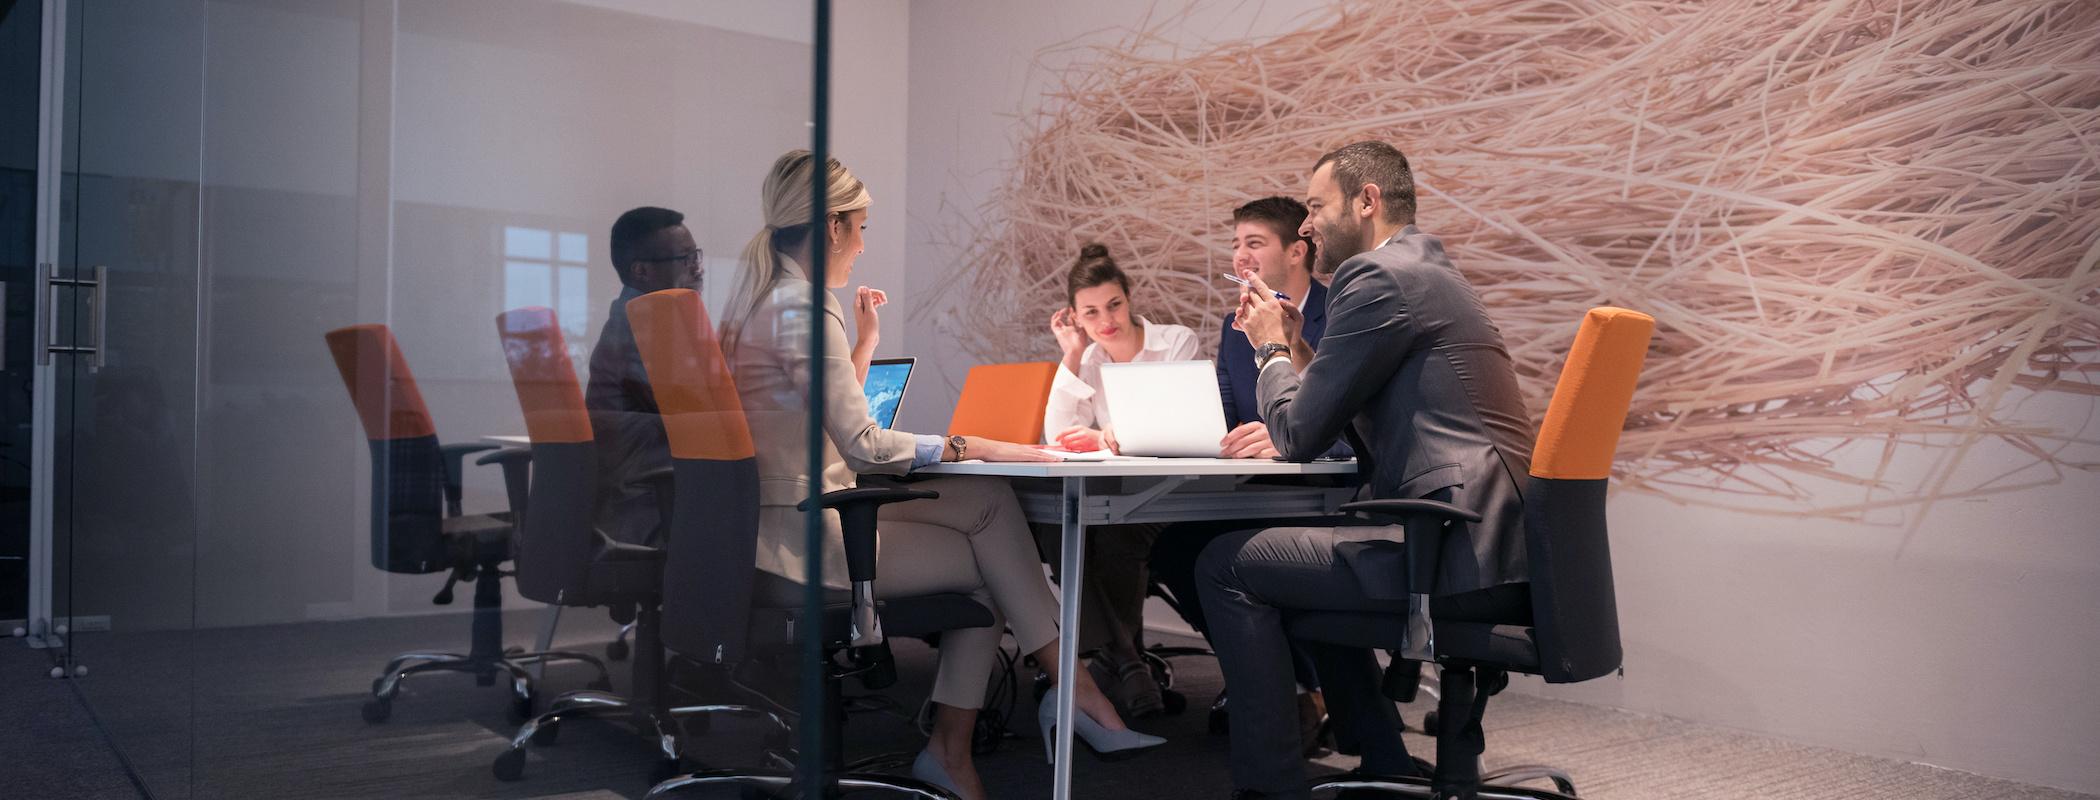 Travail en mobilité grâce au WiFi en entreprise